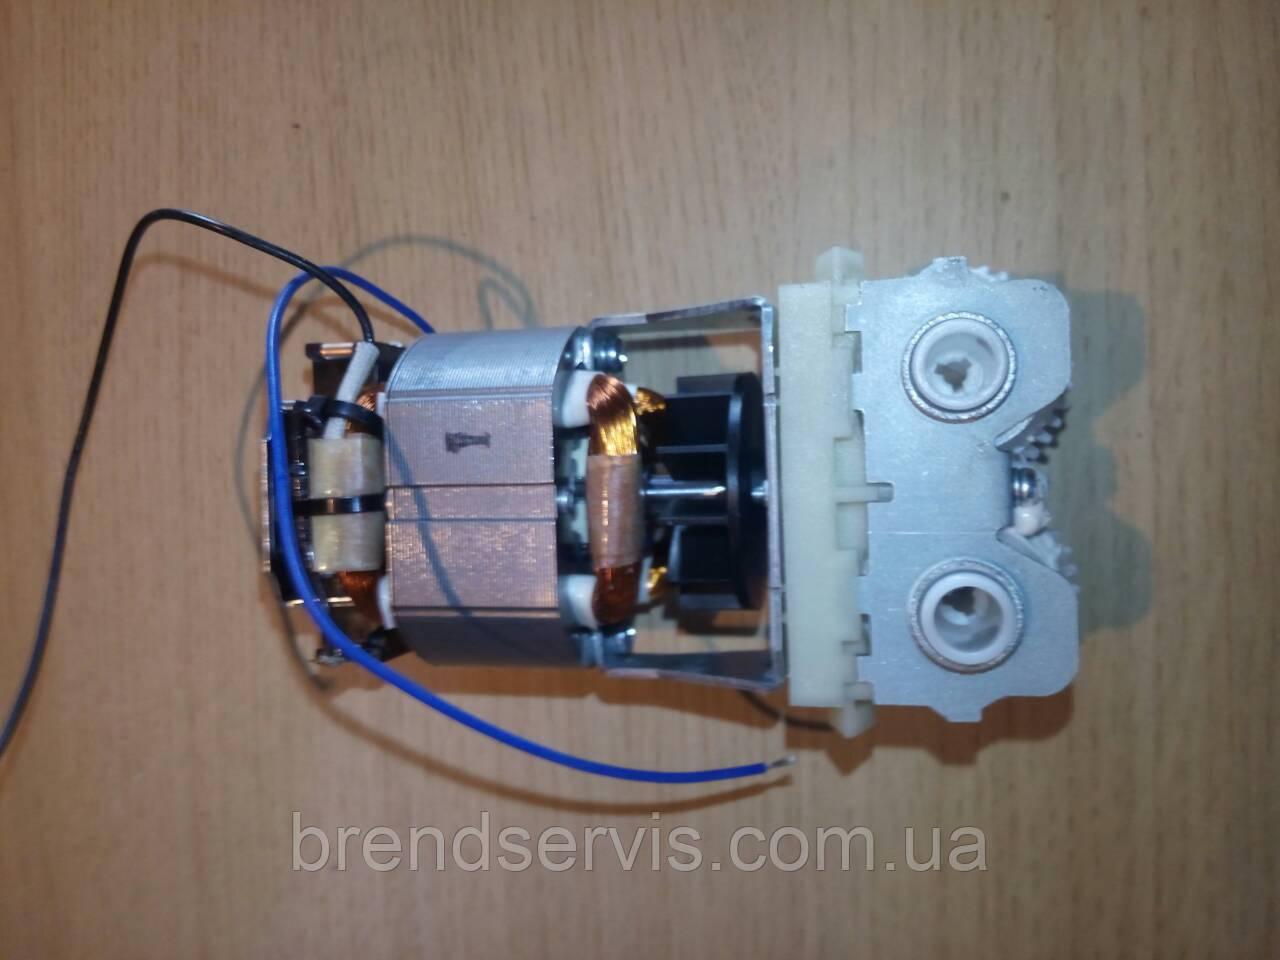 Мотор для міксера Moulinex, SS-994664